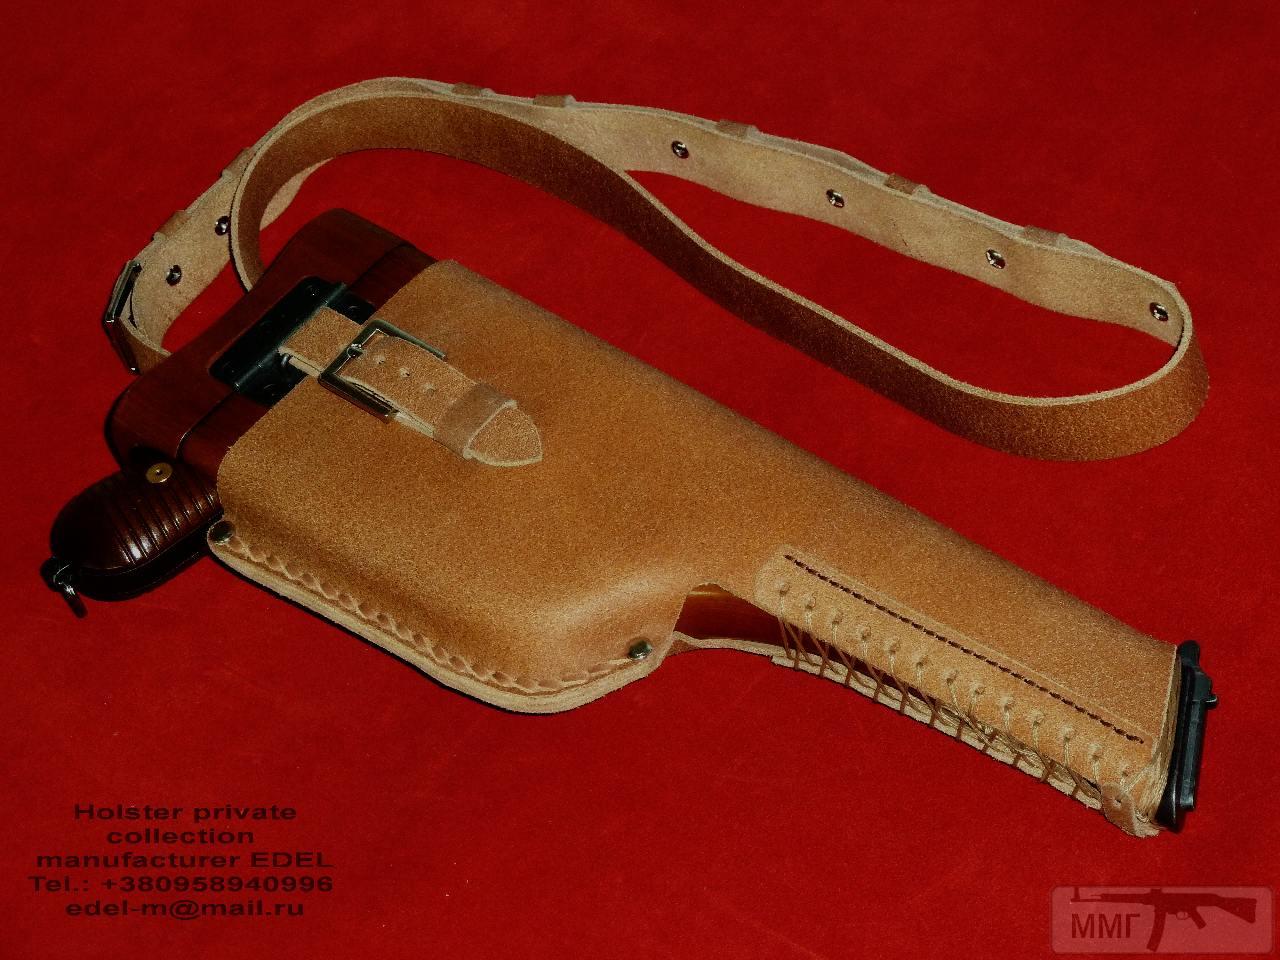 20597 - Индивидуальный пошив кобуры для револьверов и пистолетов - эксклюзив